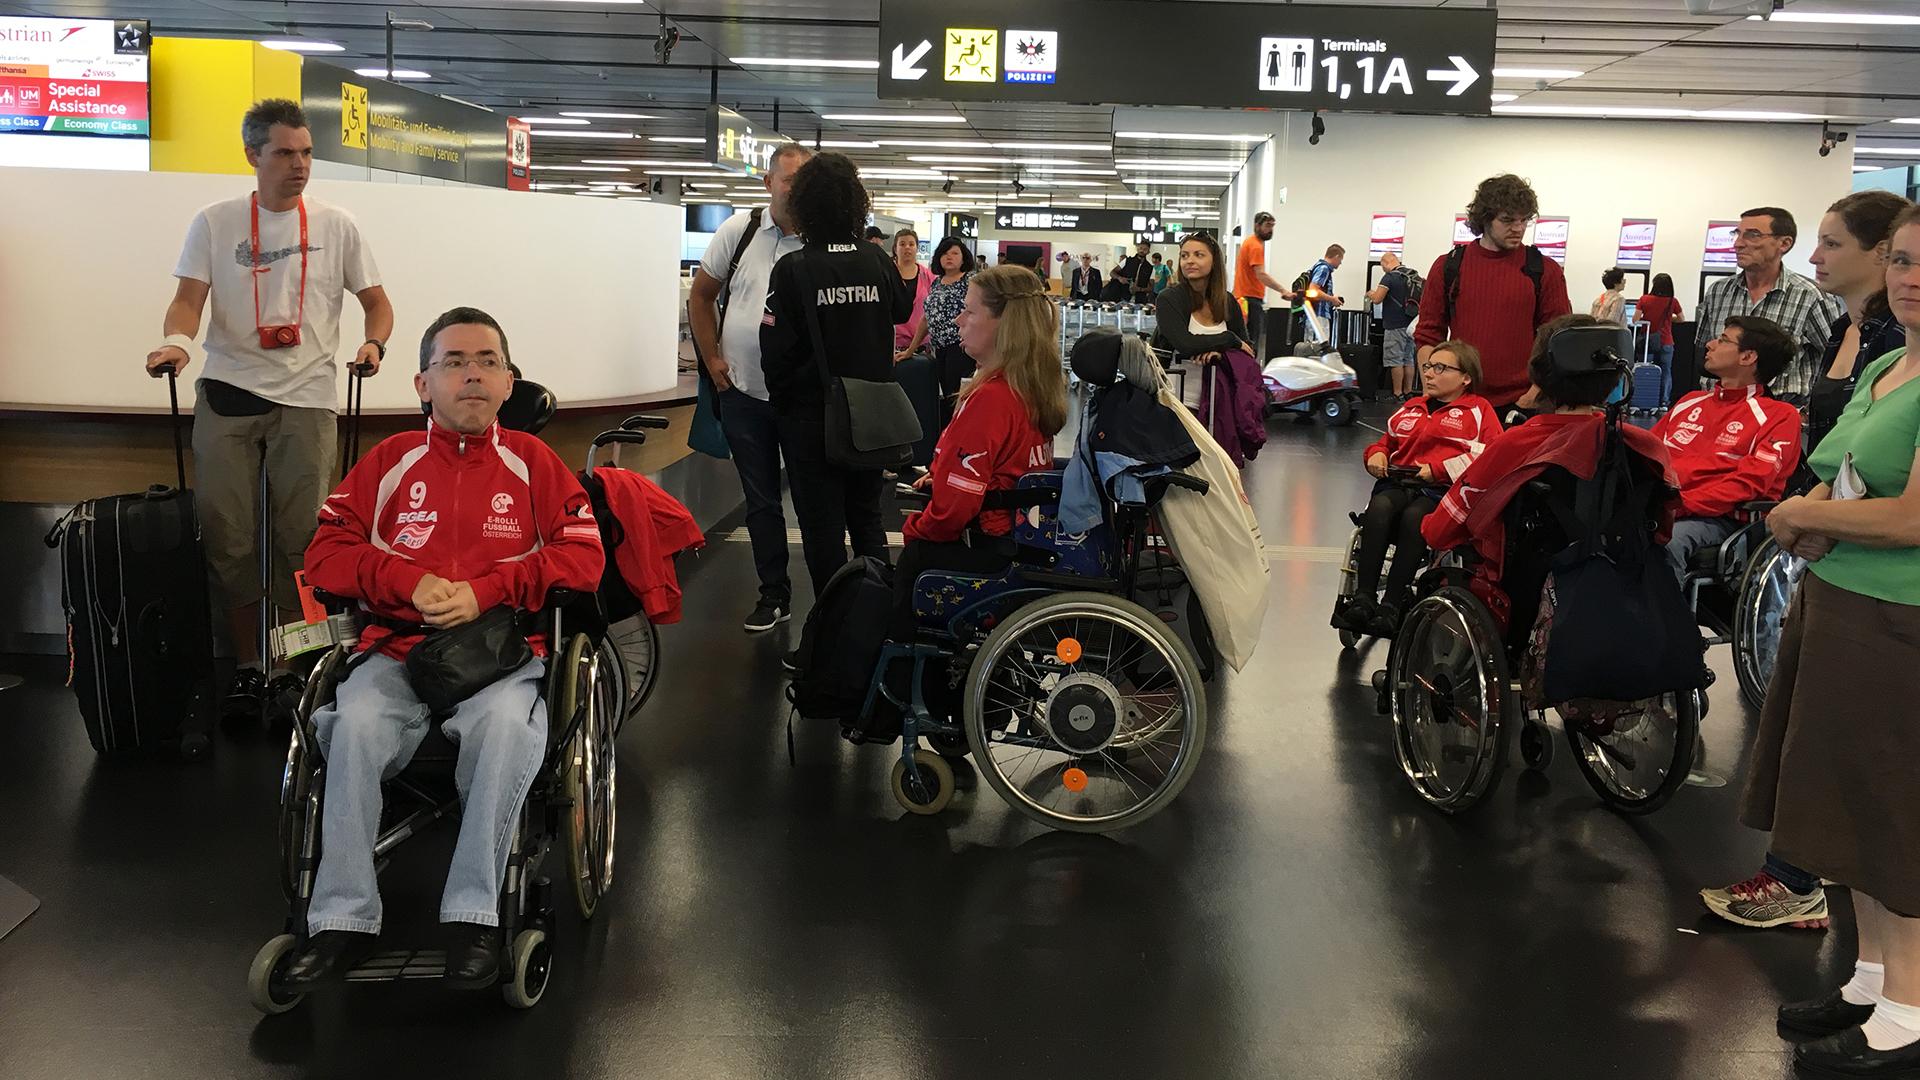 Abreise vom Flughafen Wien Schwechat